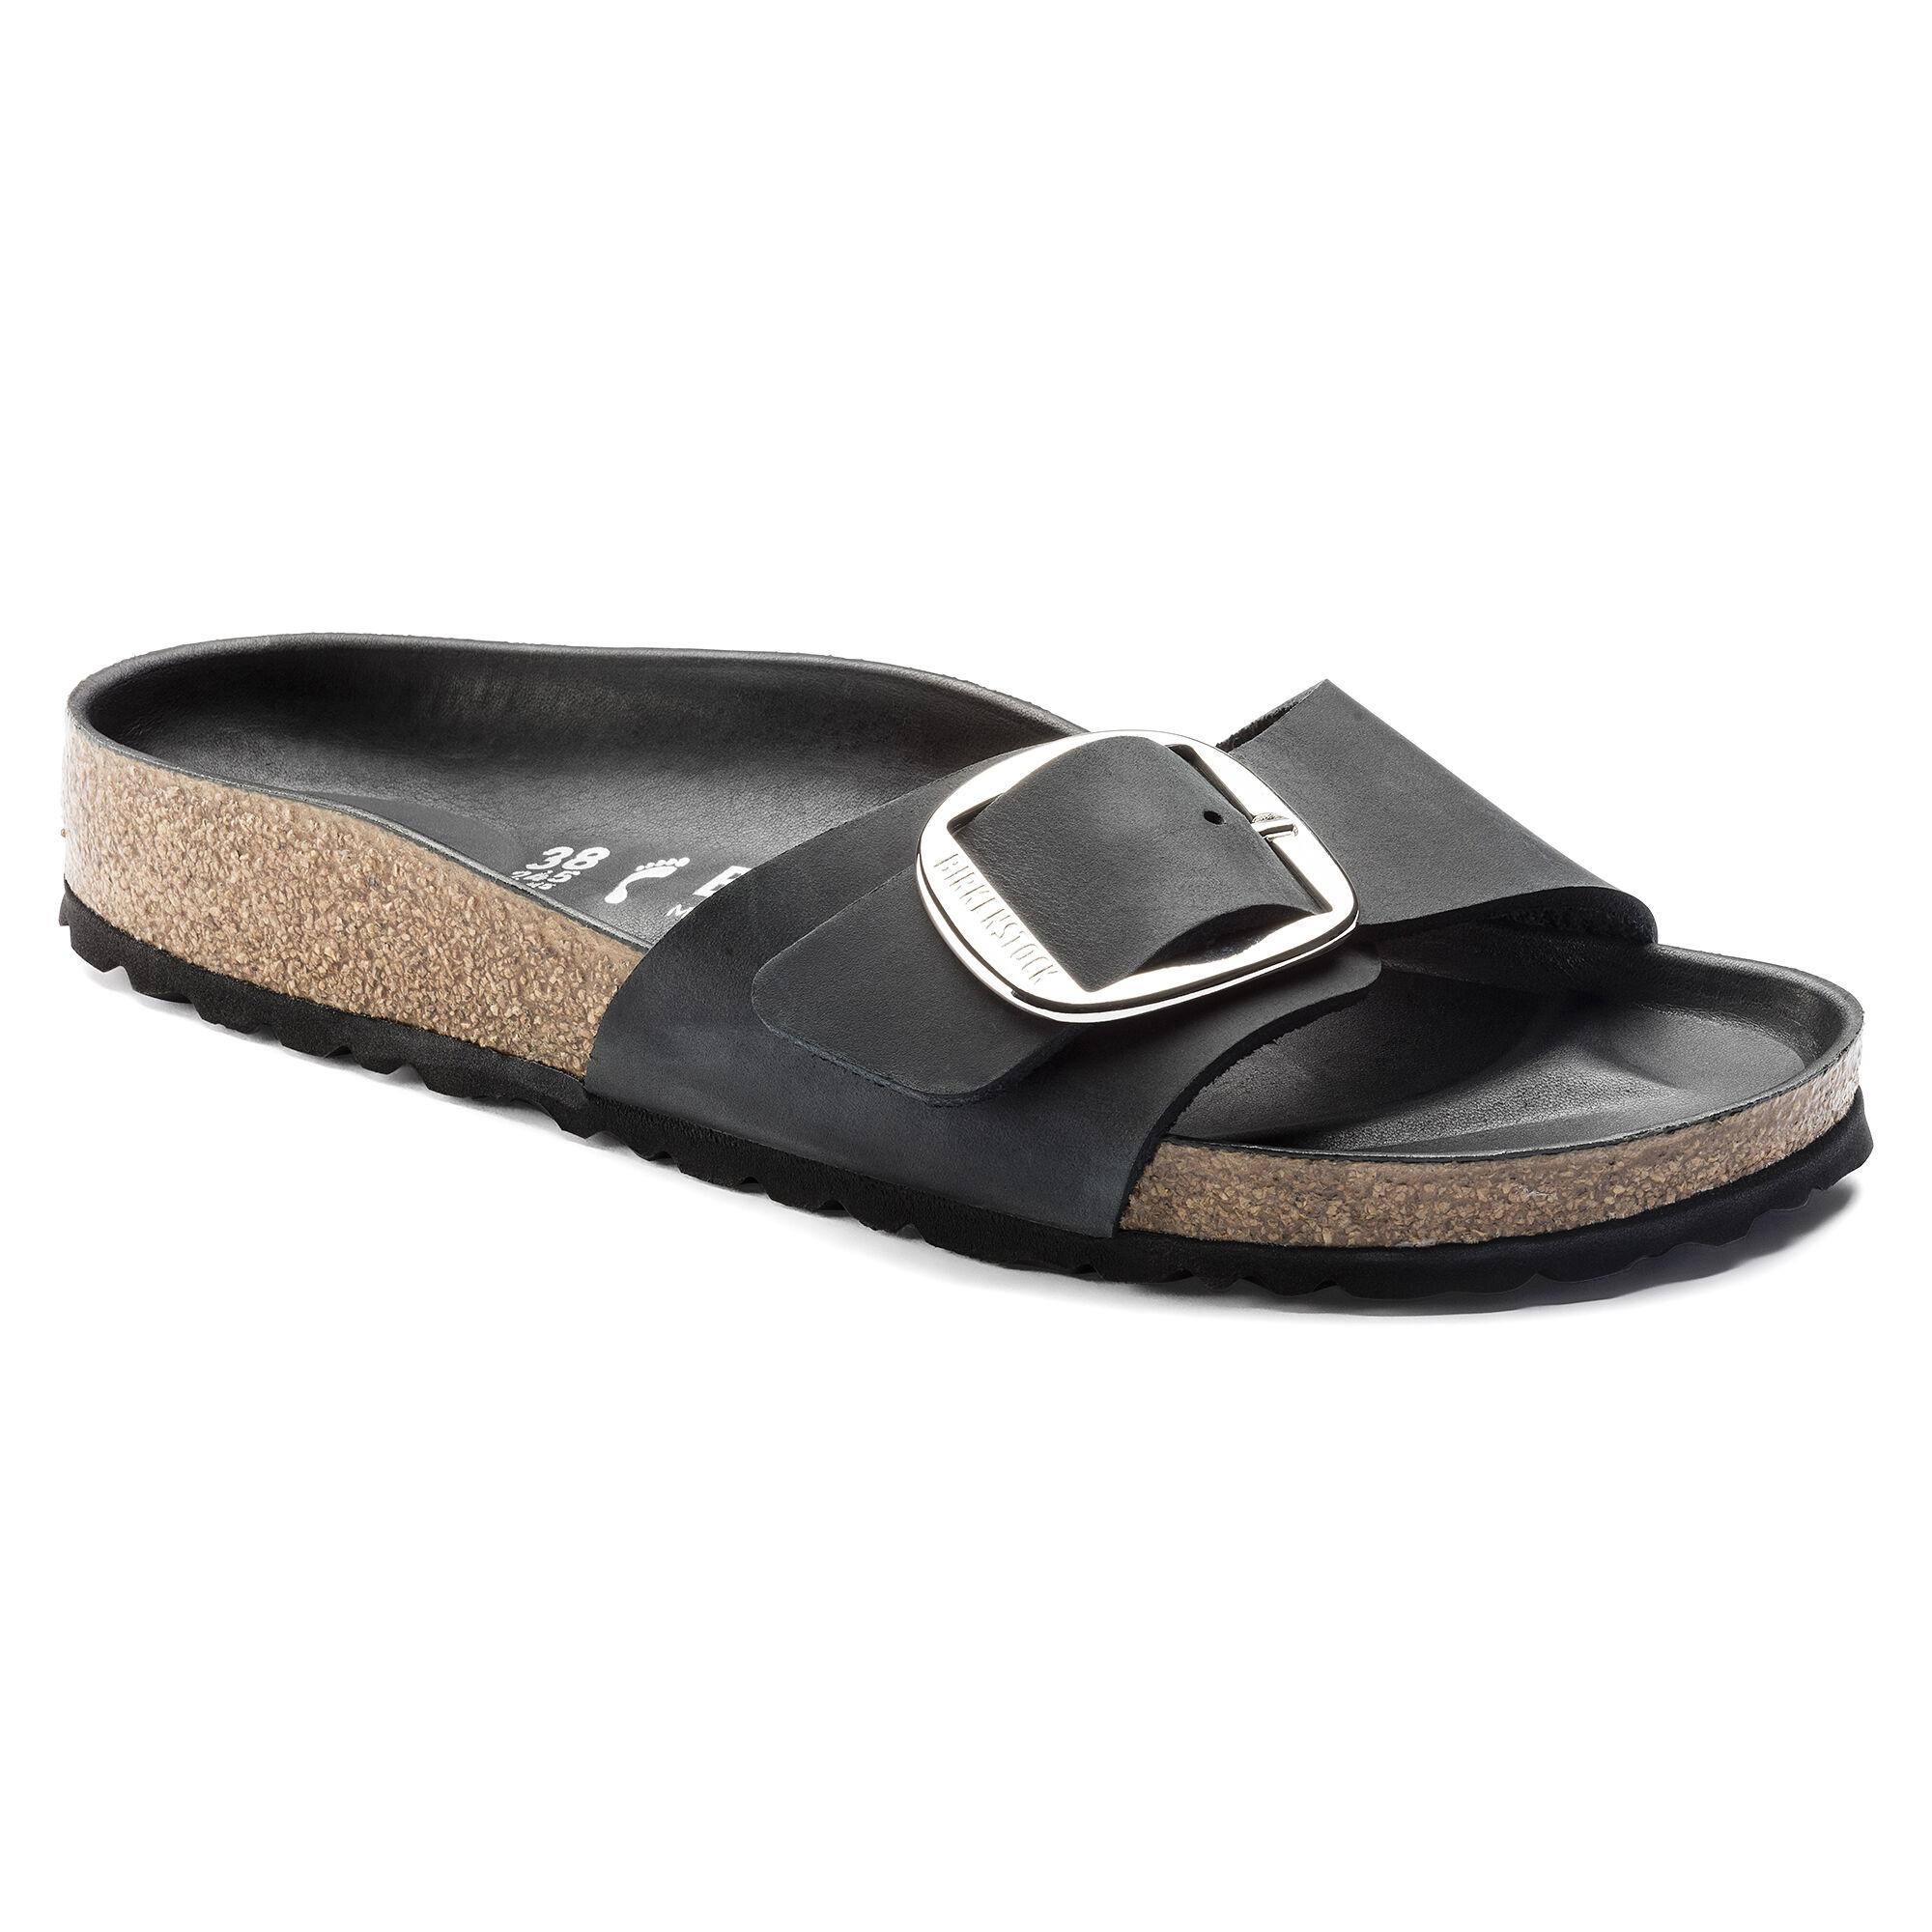 Kaufen Birkenstock Bei Sandalen DamenOnline Für QxBEdoWerC